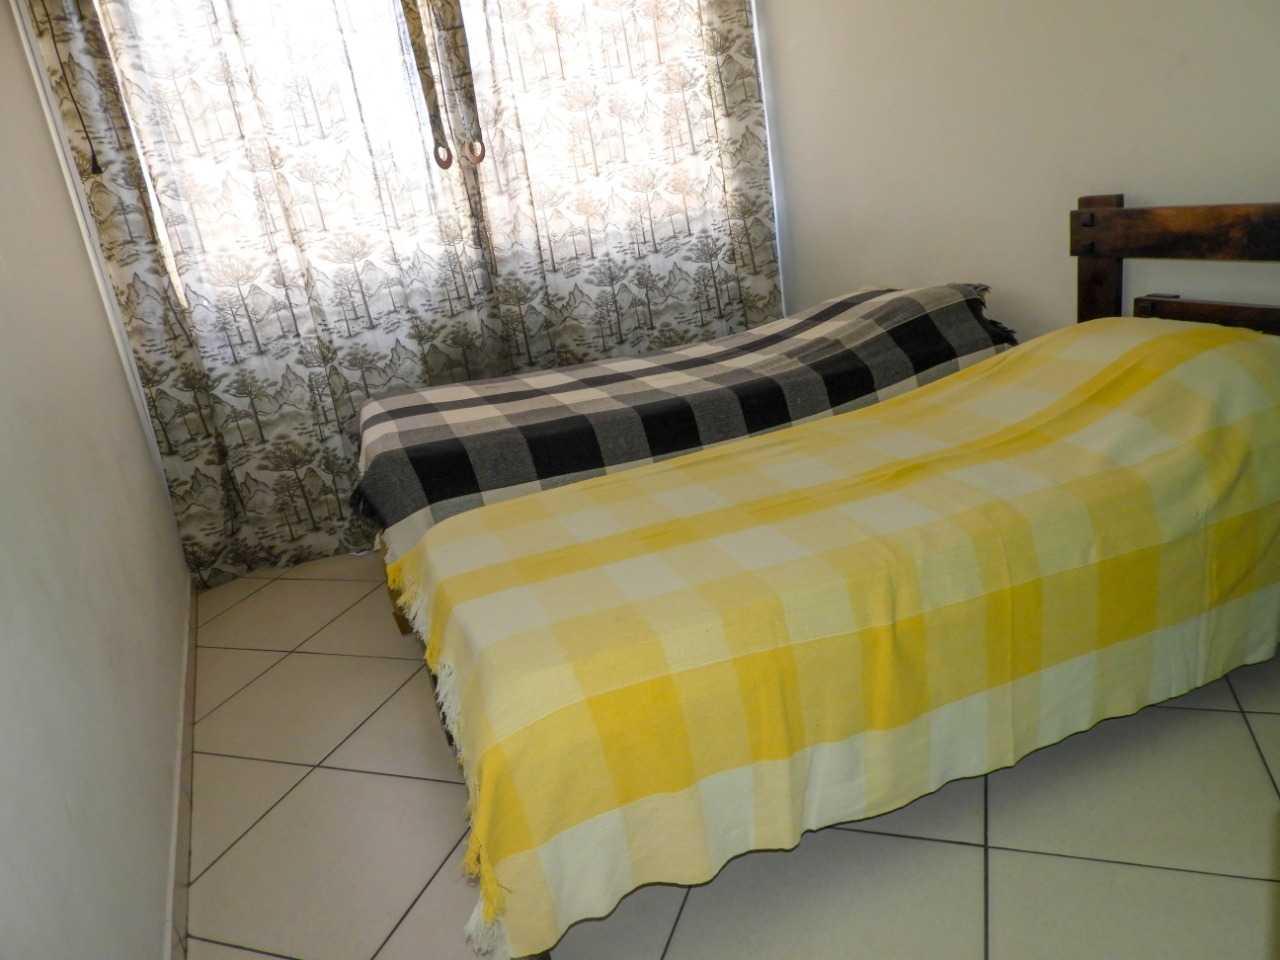 Acomodação longo prazo com quarto, banheiro e cozinha individual